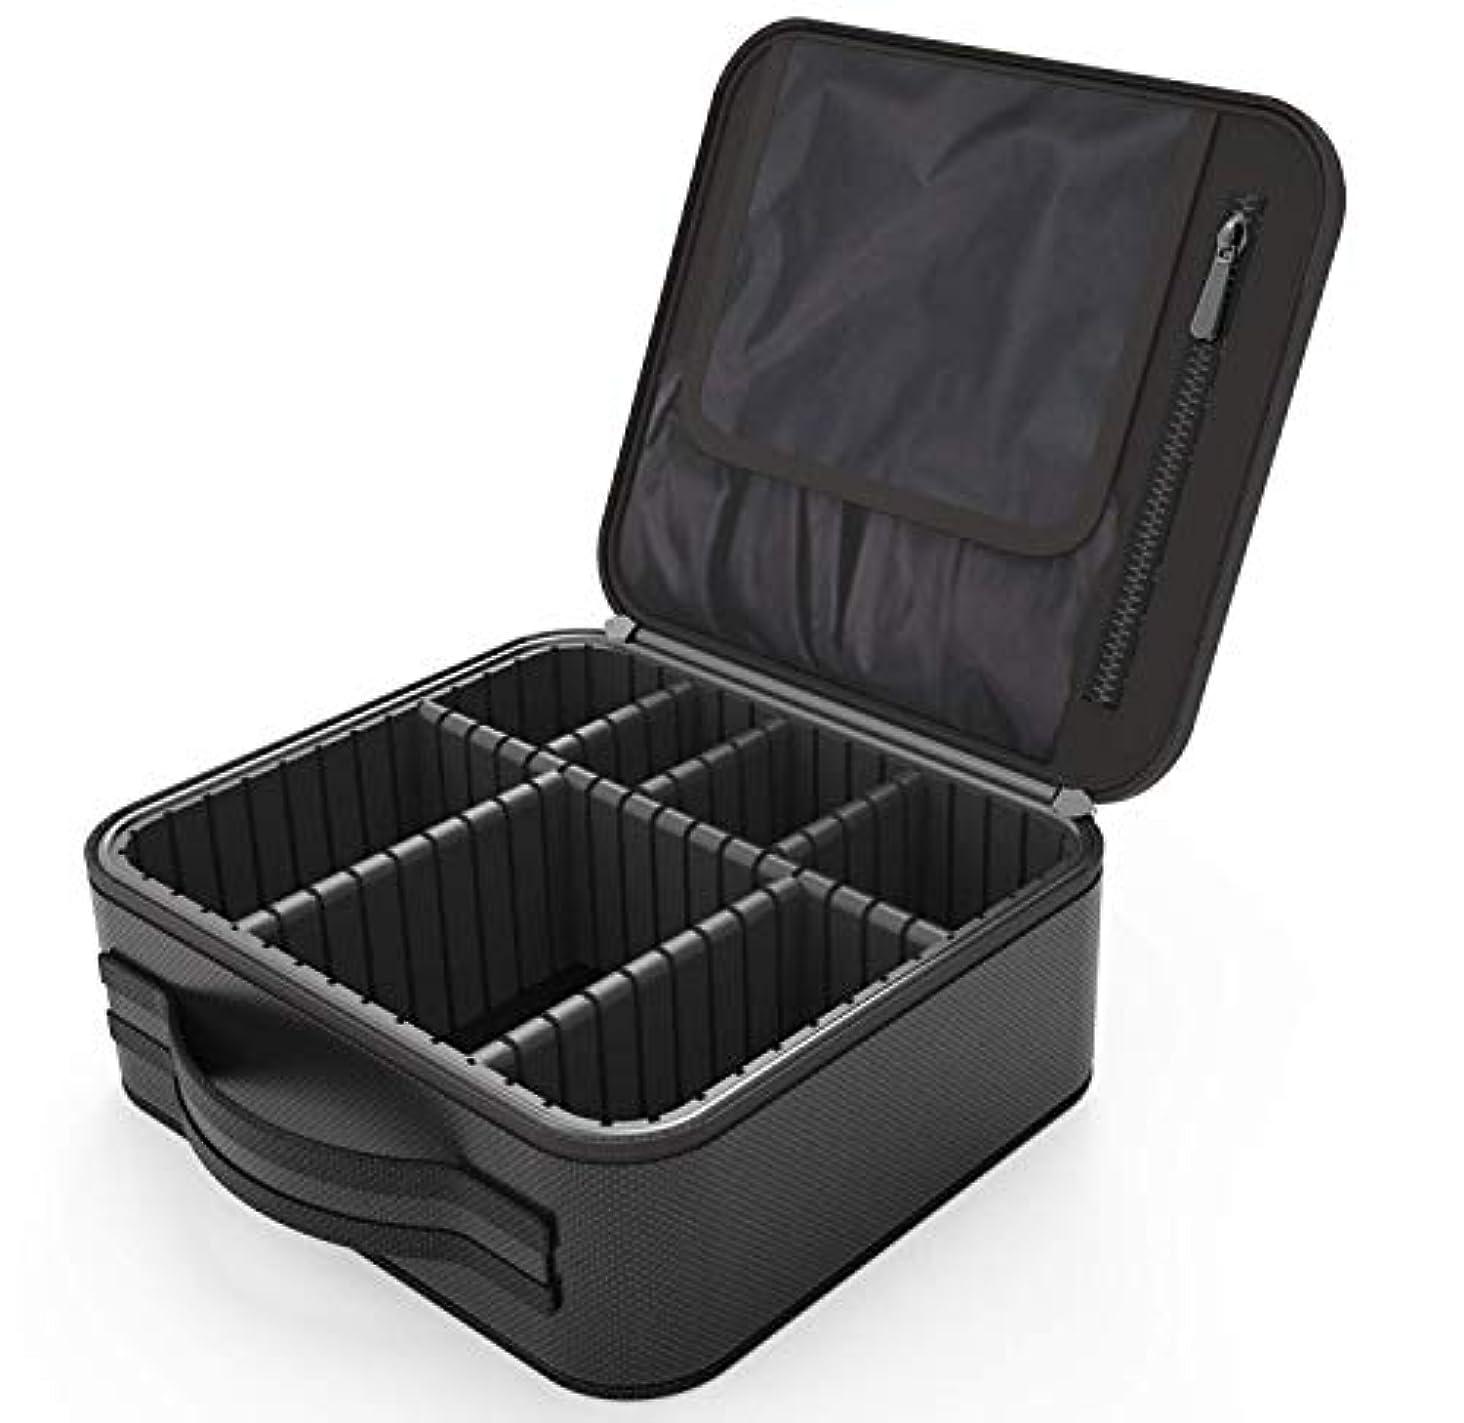 イブ光燃料便携式 プロ用 メイクボックス 高品質 收納抜群 大容量 化粧バッグ 置き方が調整できる 旅行 家用に大活躍な化粧箱 (黑)